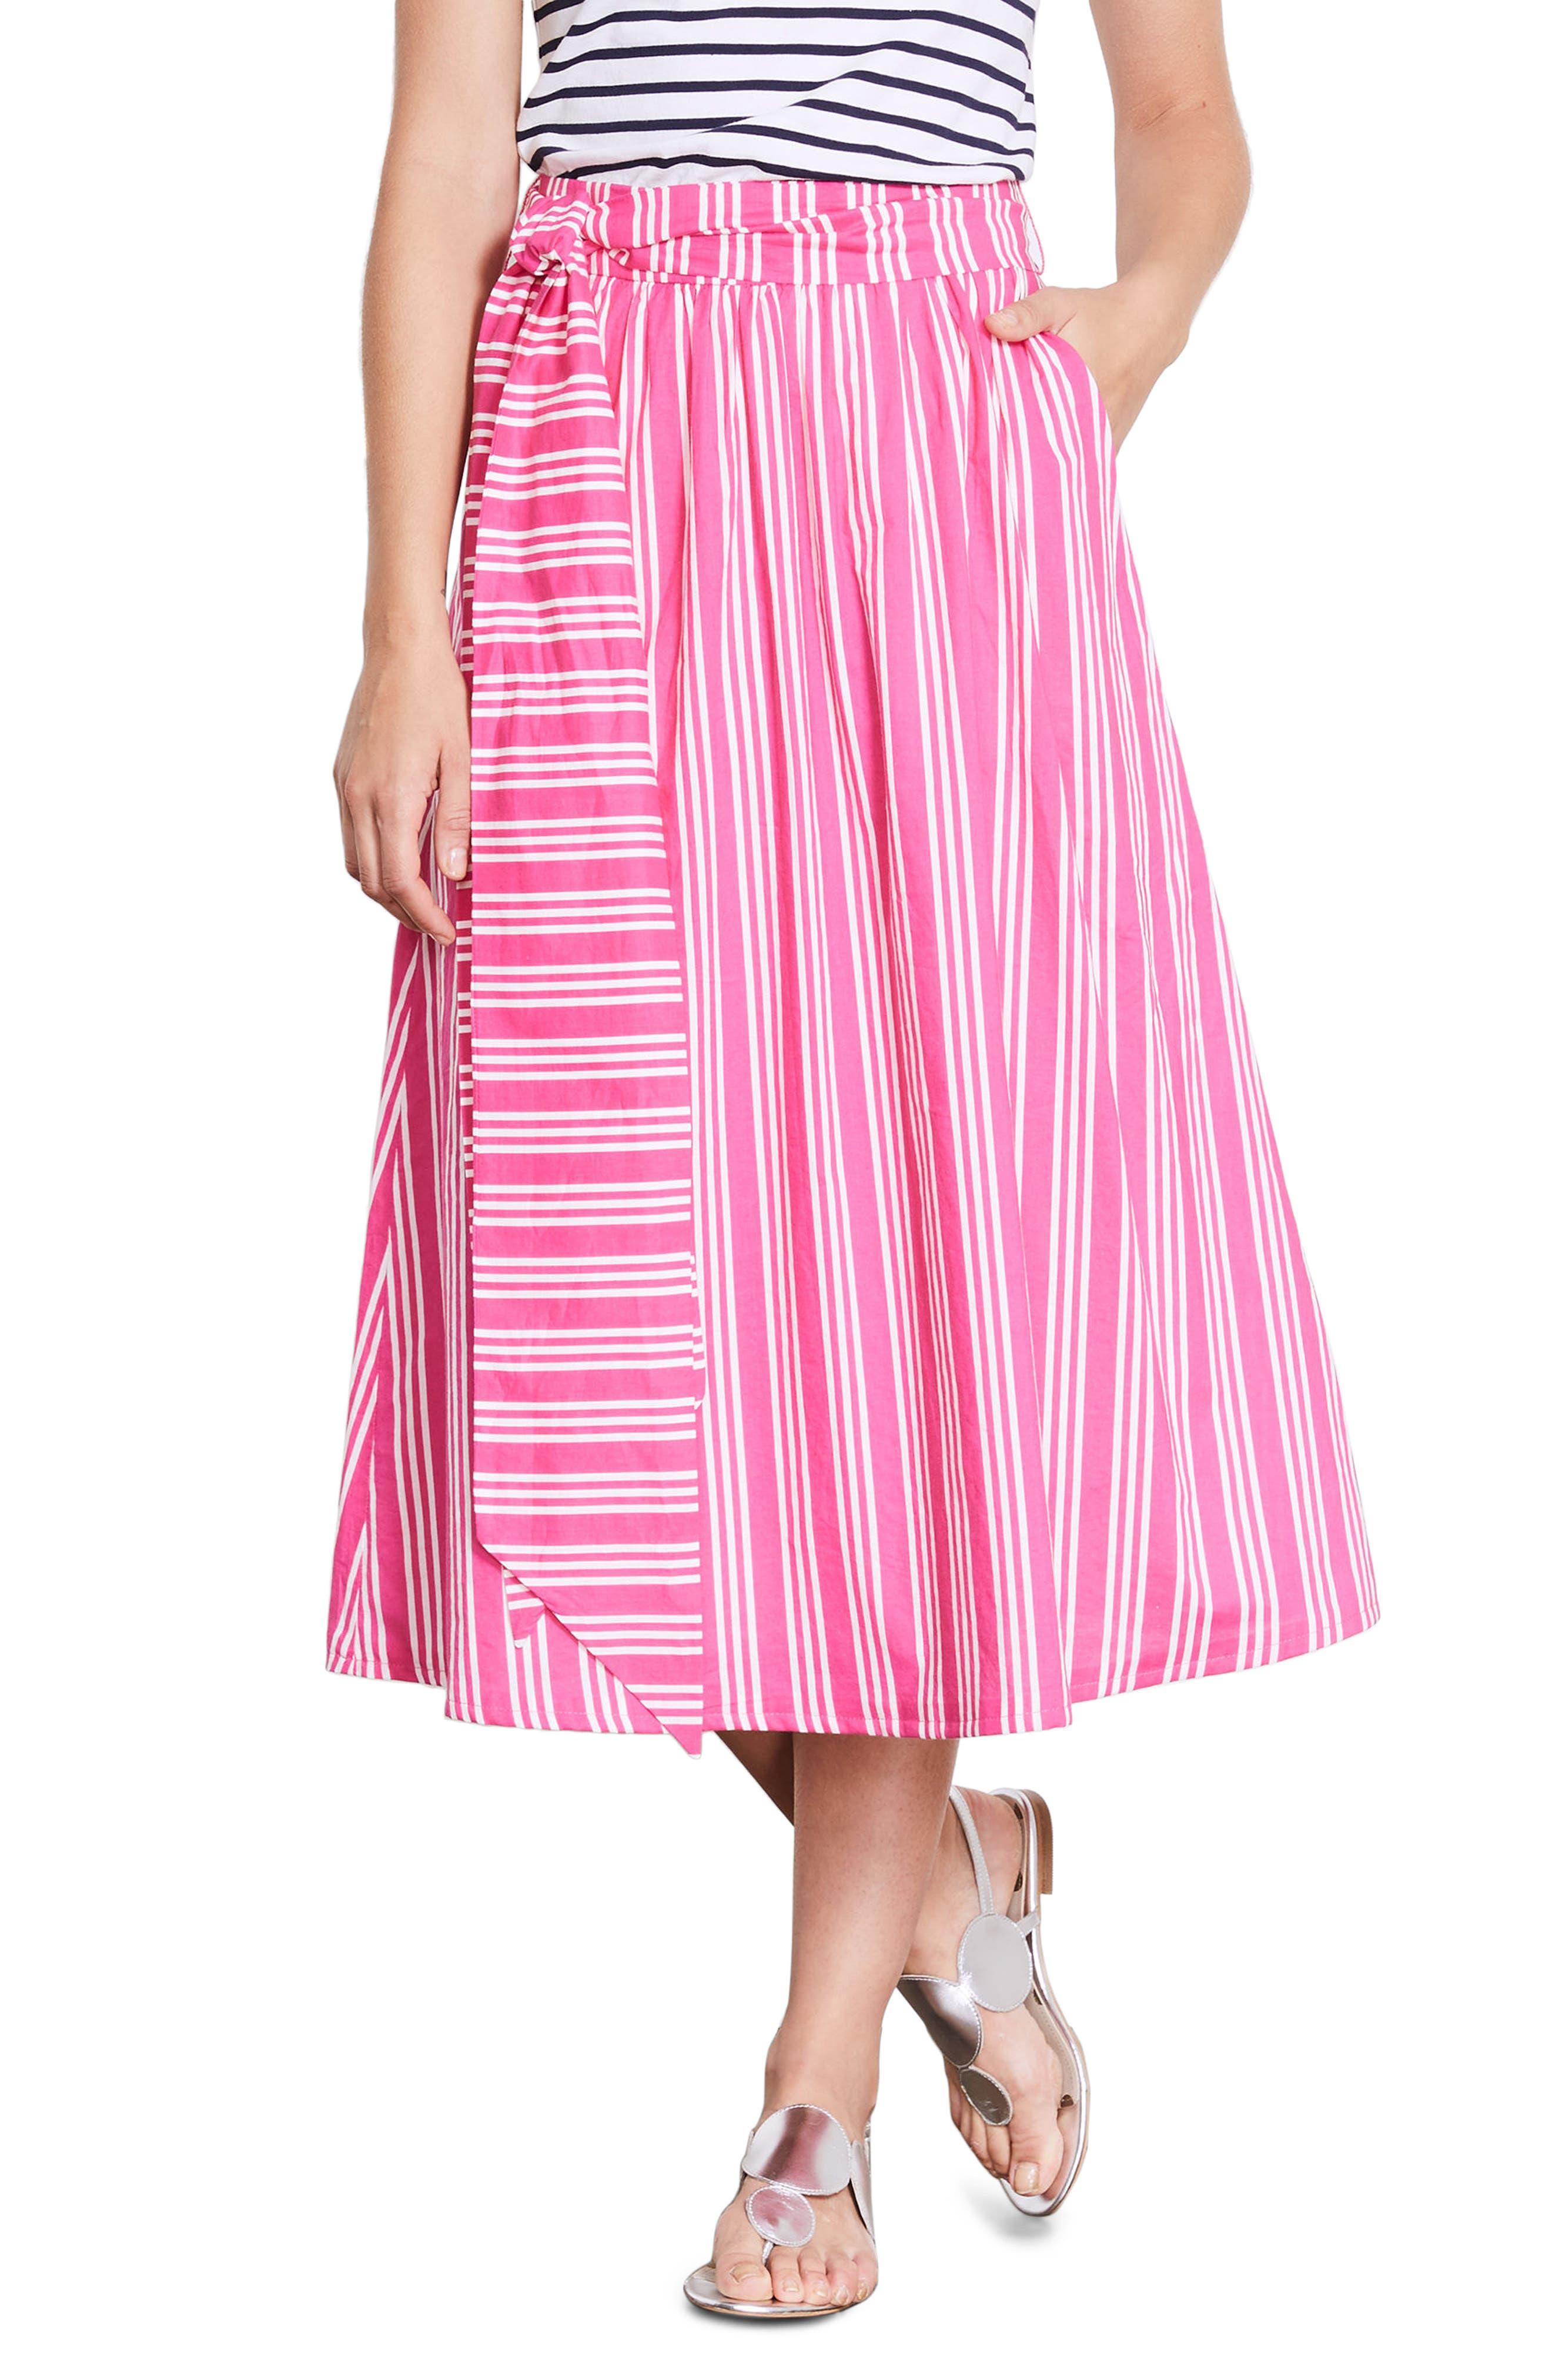 Boden Kiera Midi Skirt